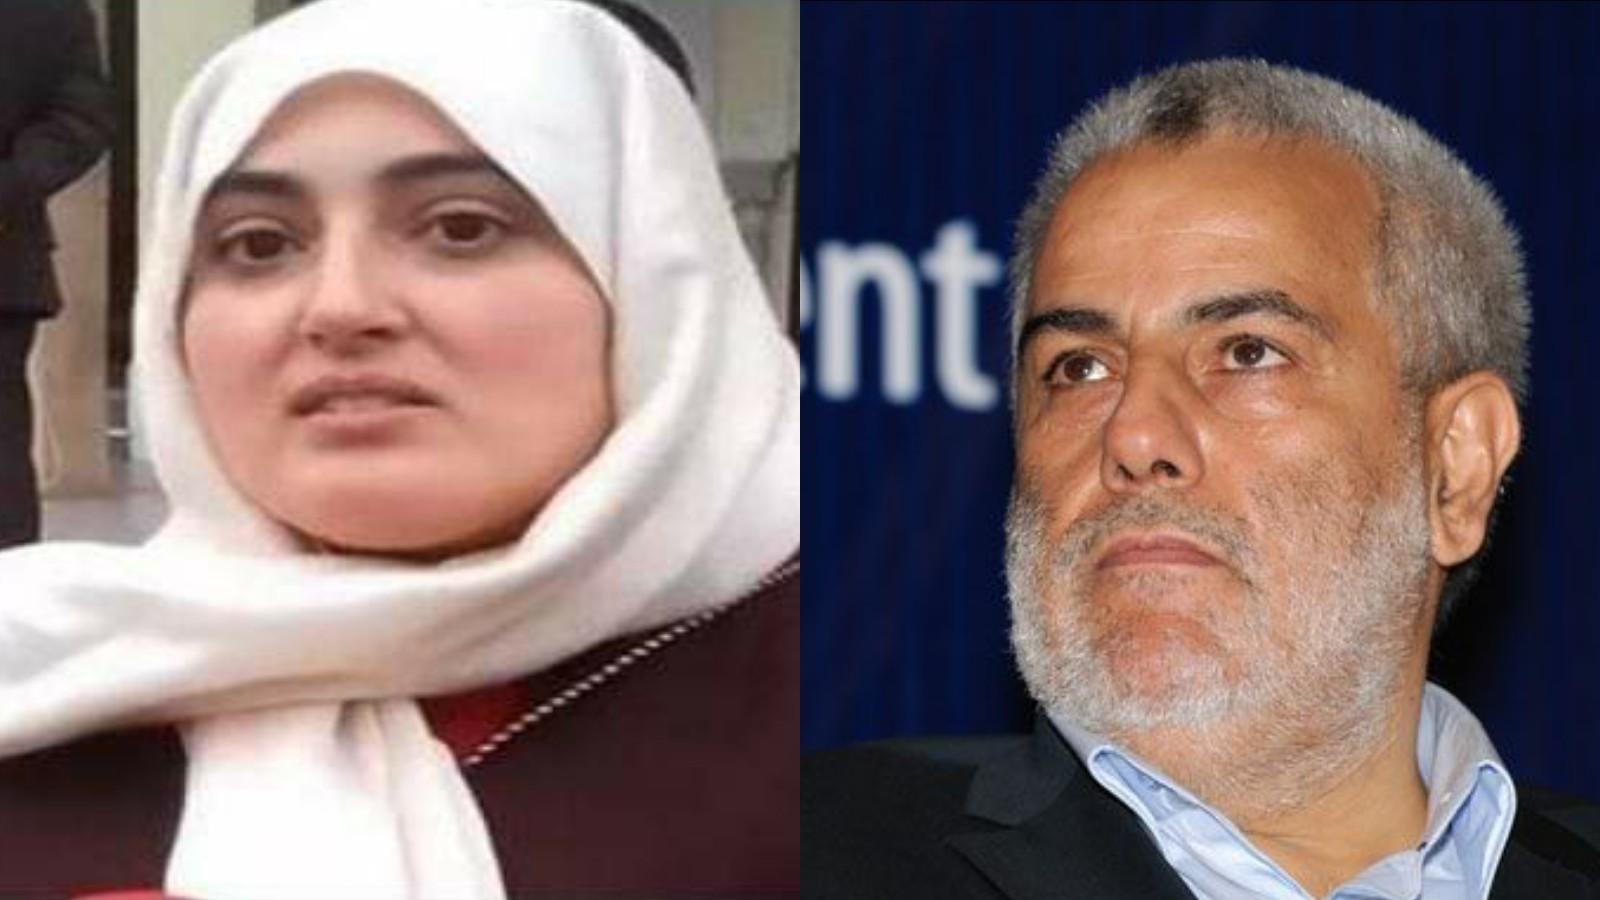 مغاربة يستغربون: بنكيران مْبرْع بـ9 دلمليون من أموالنا وسيدة تتبرع بمالها حُباً للوطن